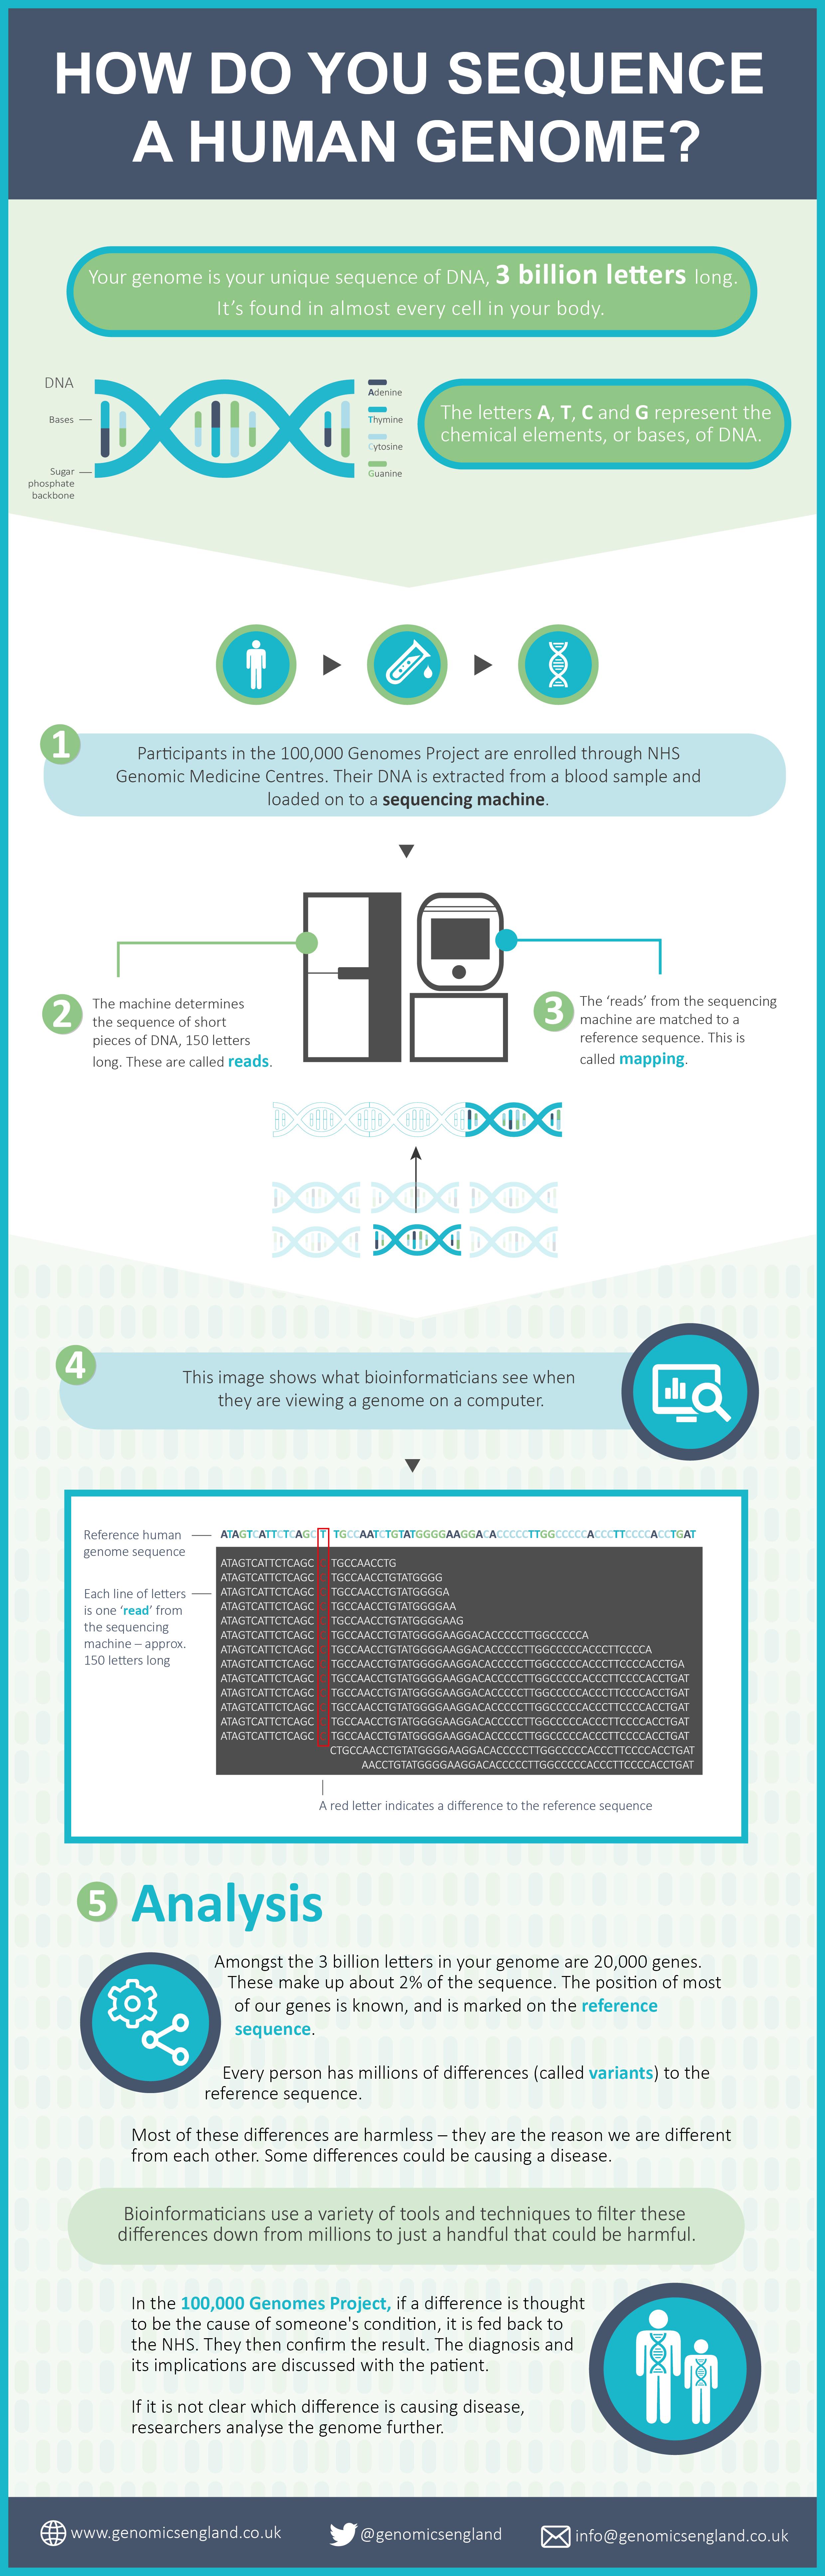 Genome Sequencing Genomics England Genome Sequencing Genome Human Genome